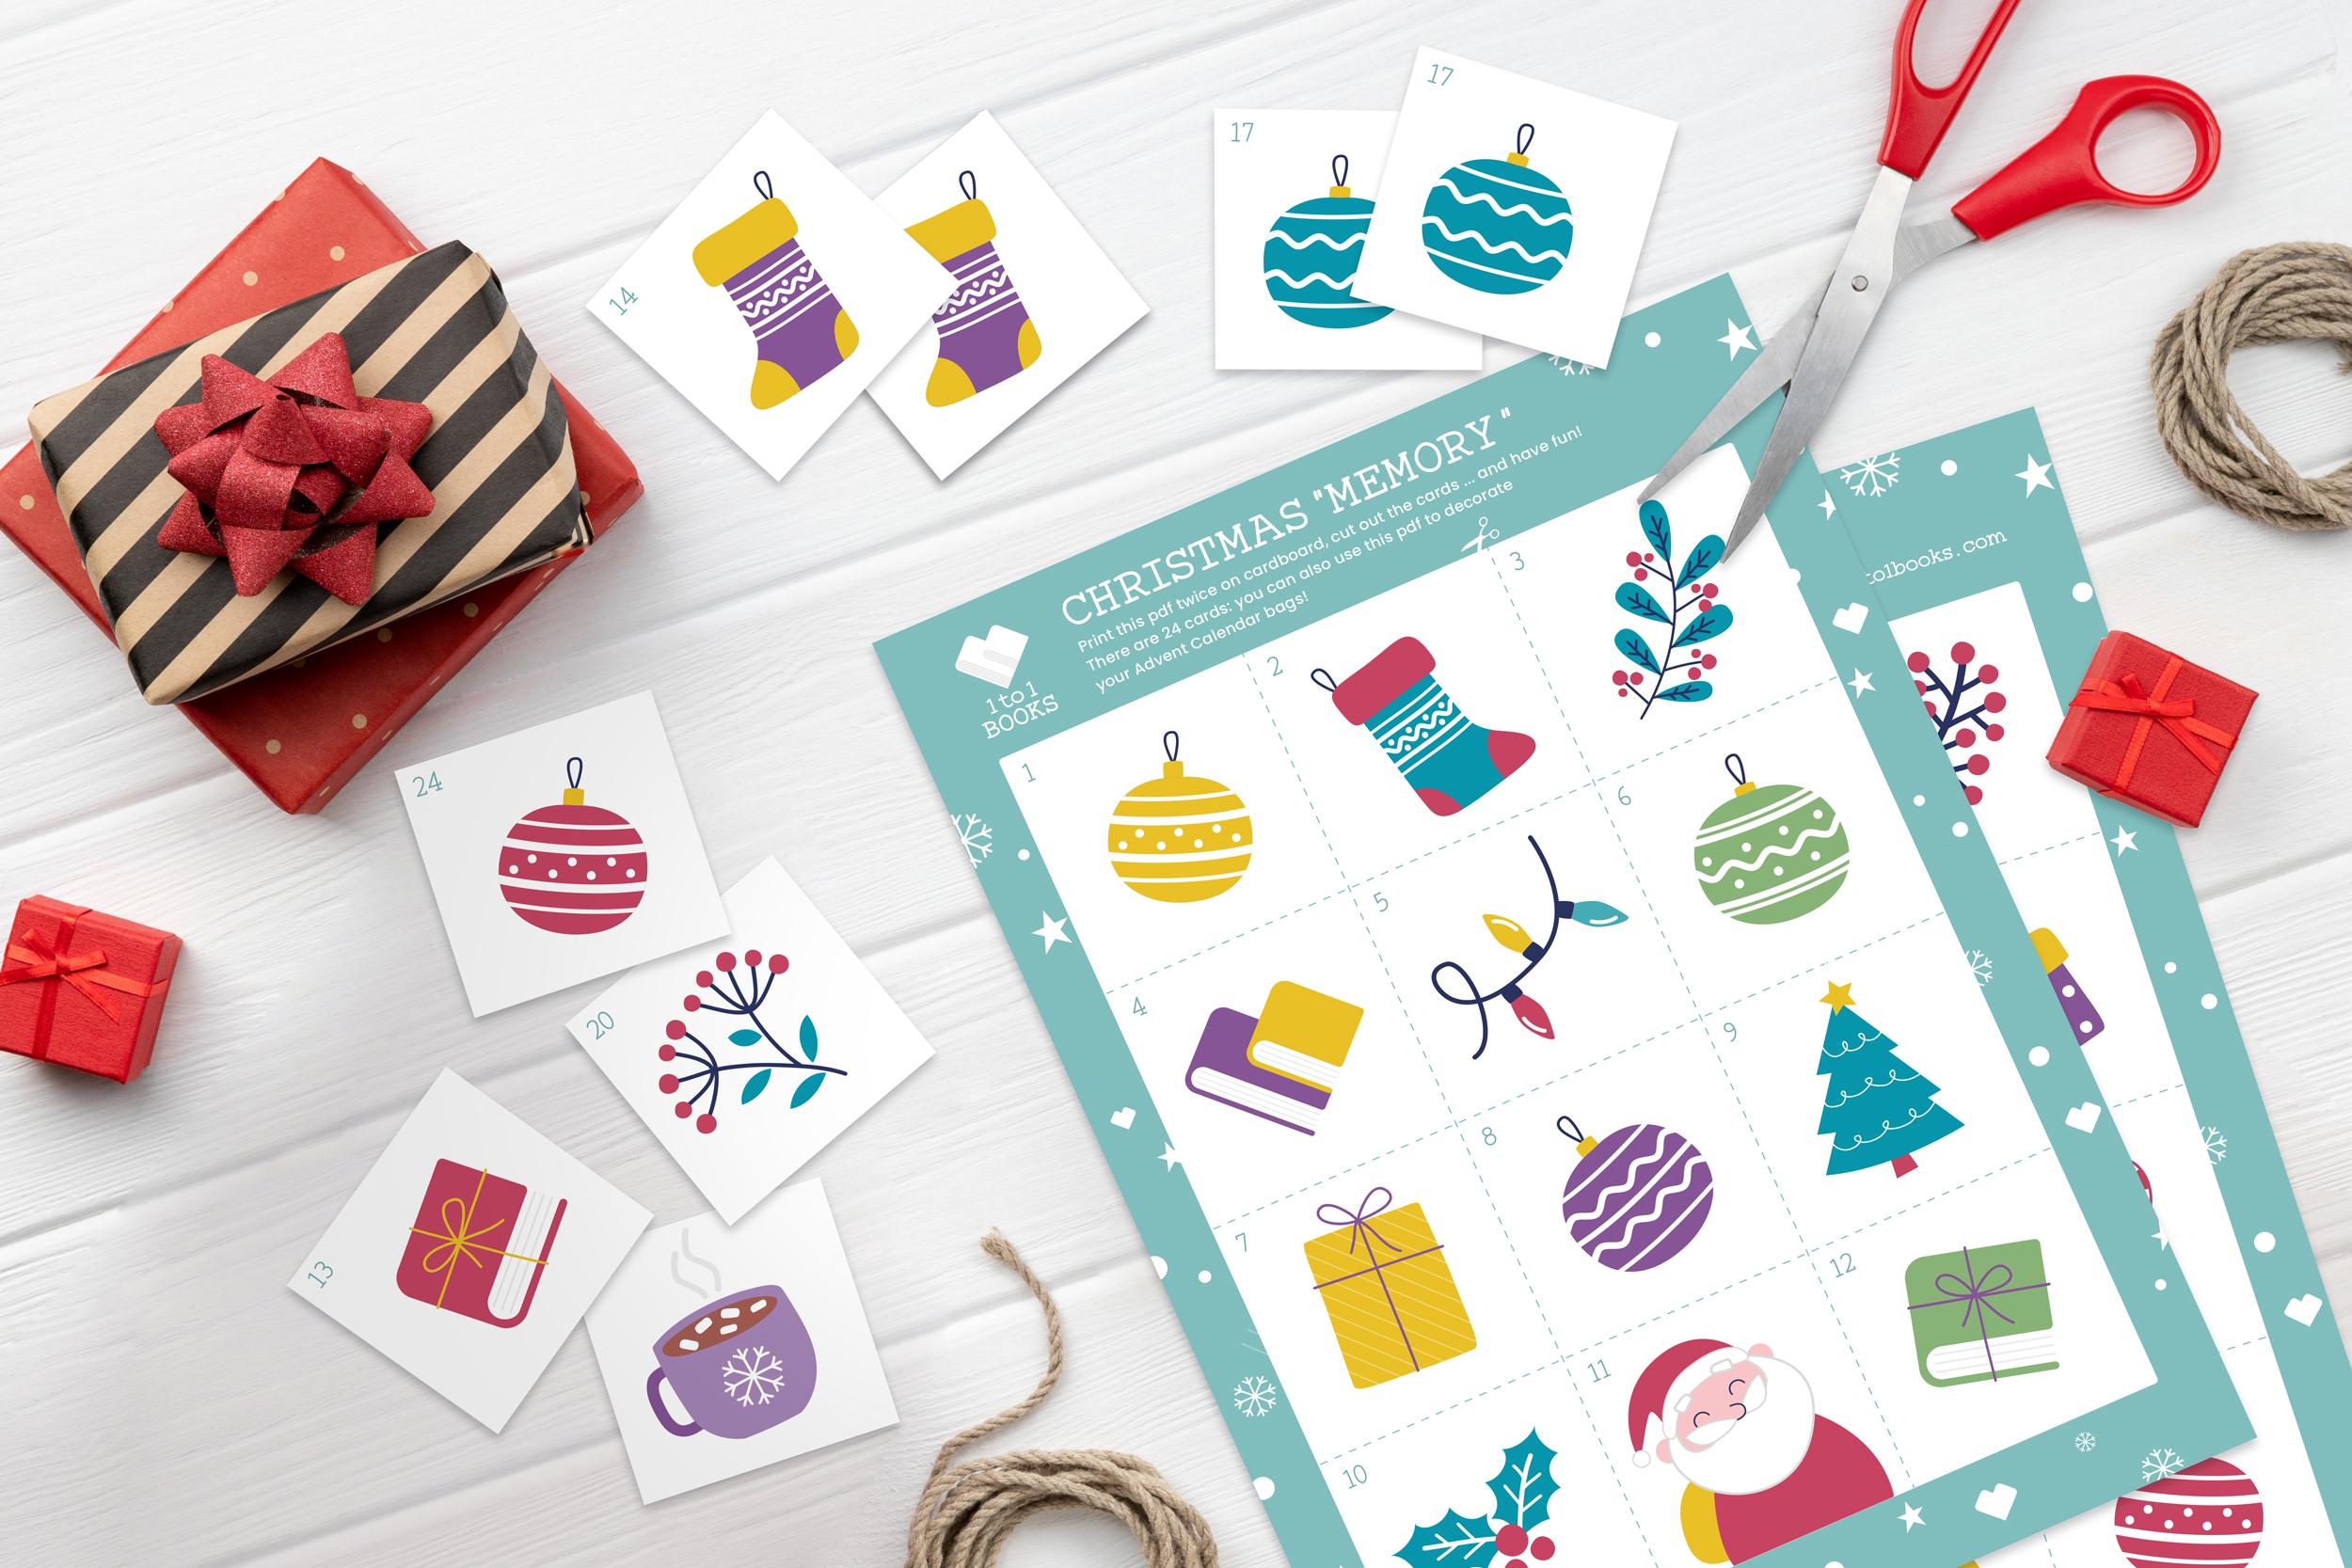 fogli ritagliati di un lavoretto Memory di Natale con grafica 1to1books